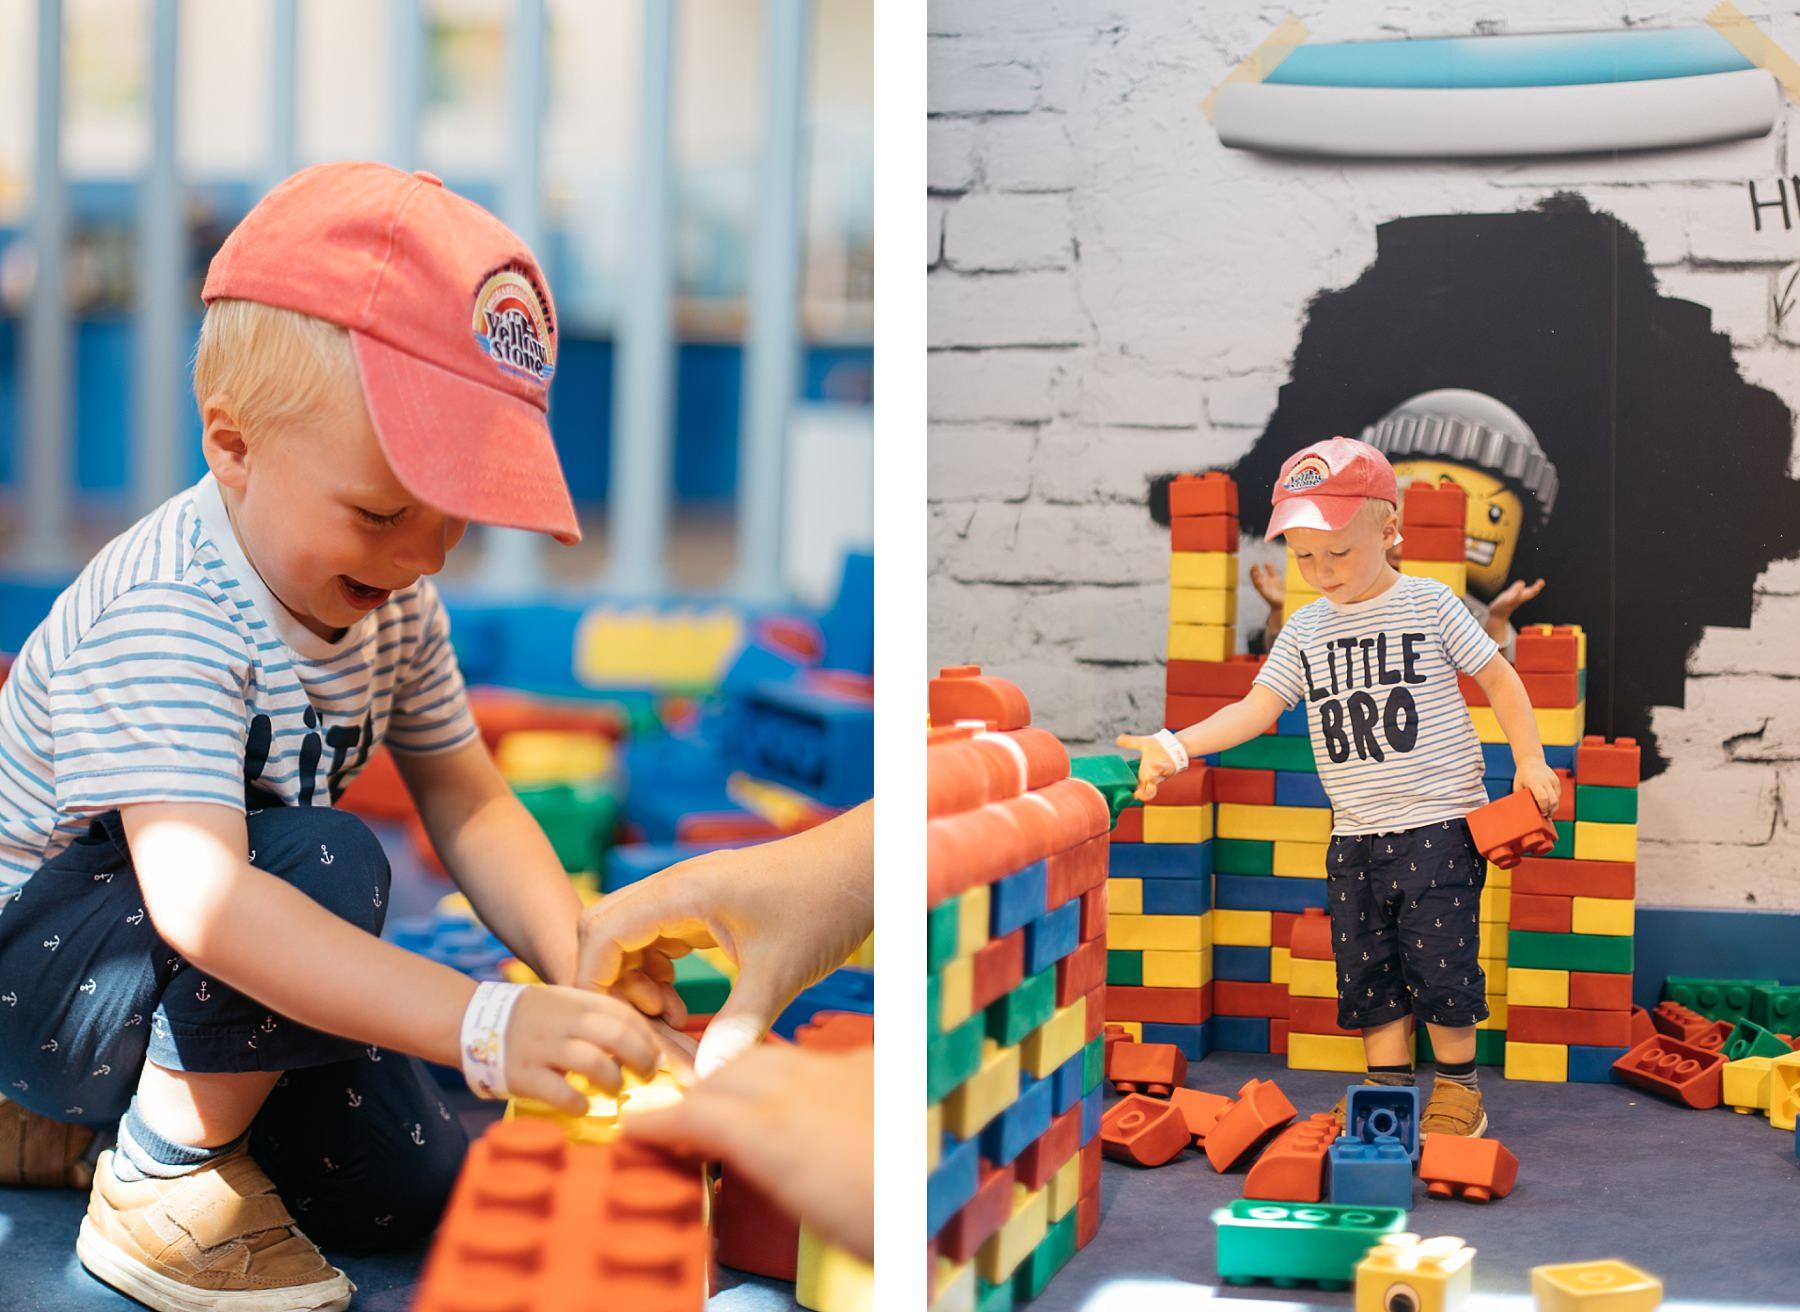 Legoland - 57 millions de briques Lego 19